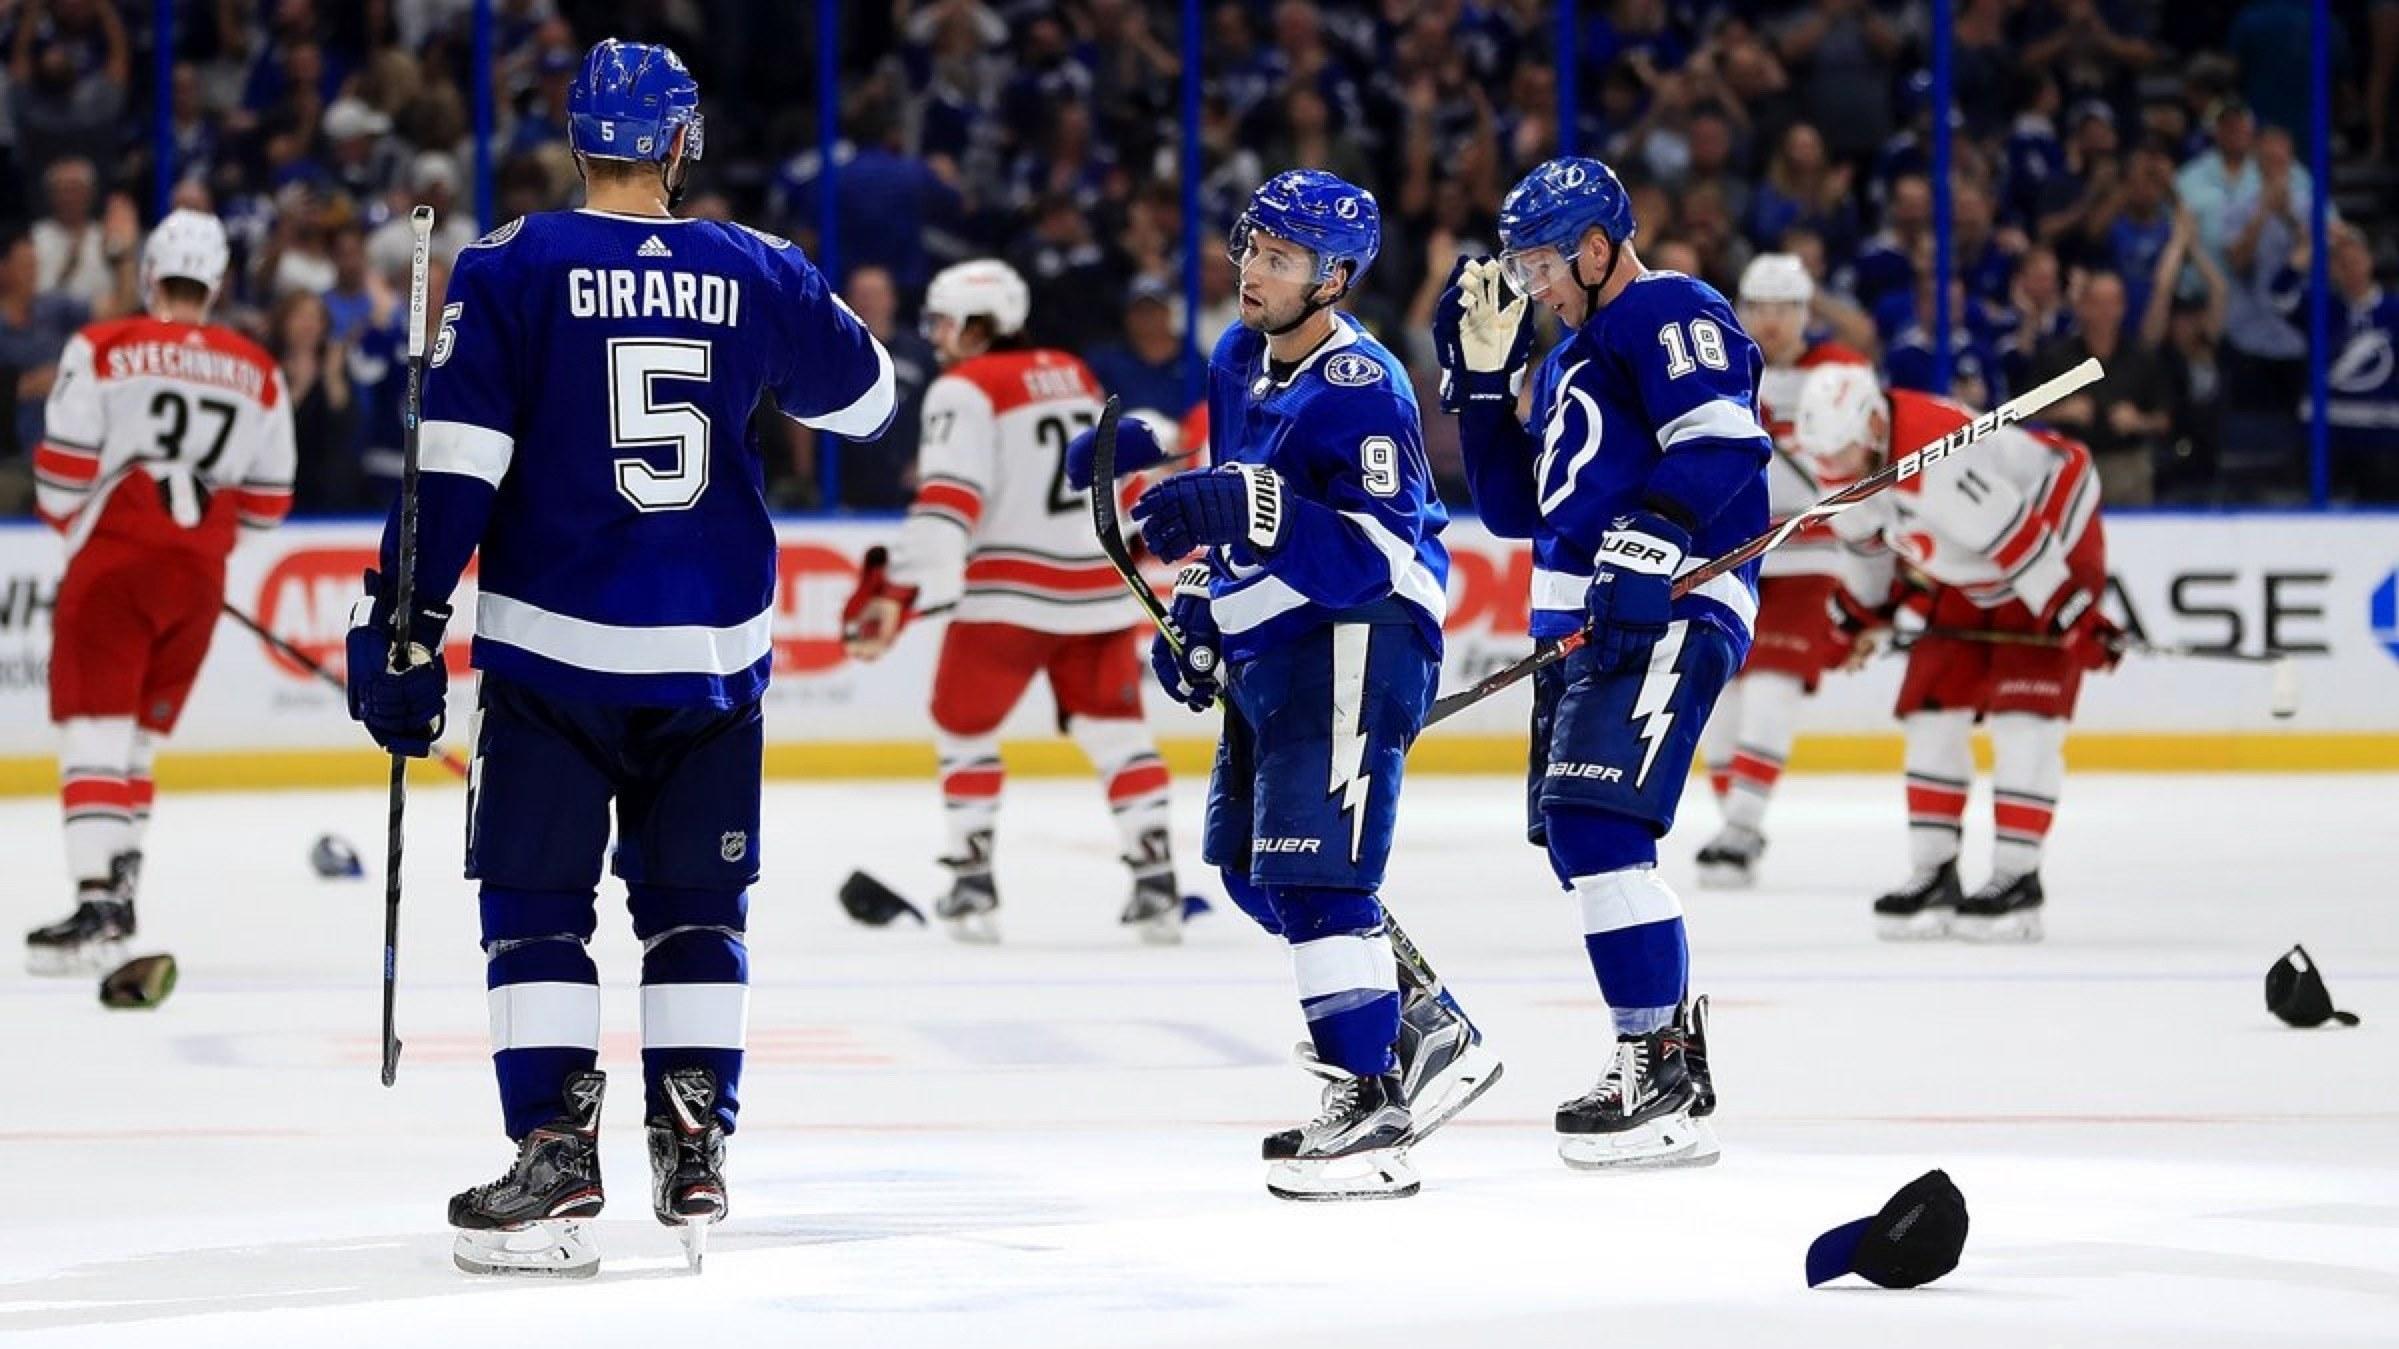 【集锦】黑鹰3-7蓝调 黑鹰末节崩盘蓝调连入4球_NHL比赛集锦